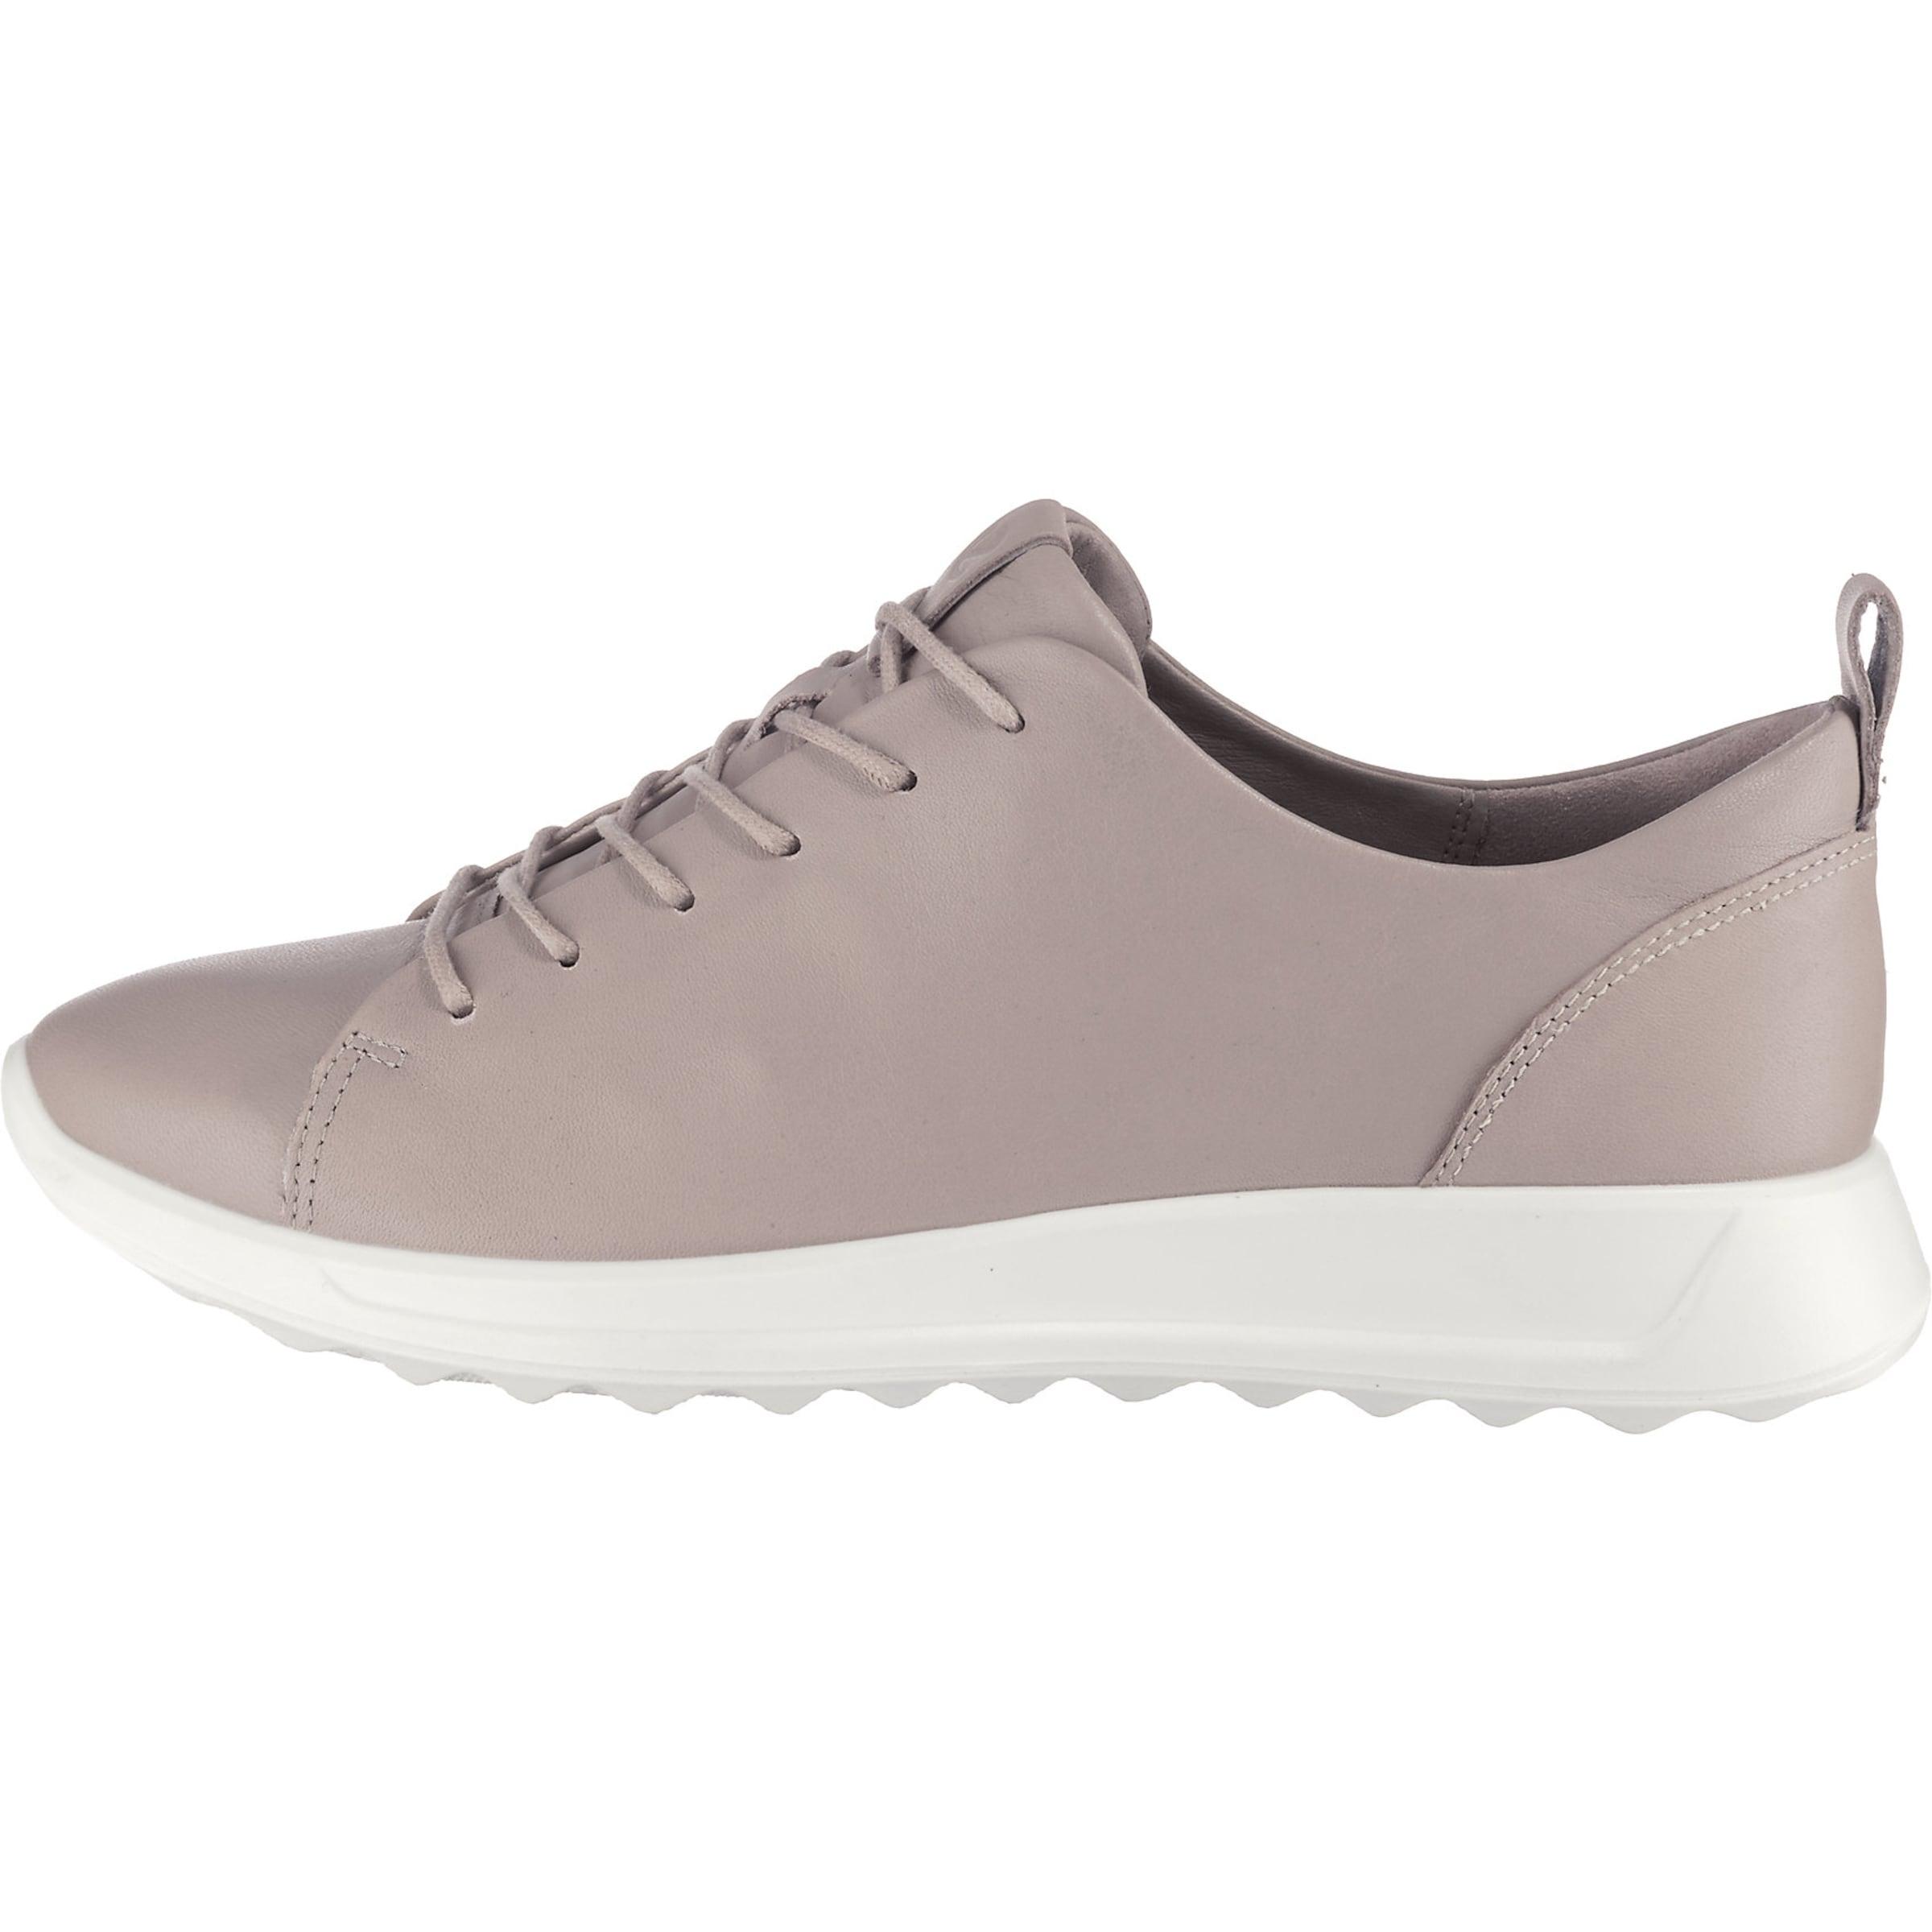 Sneakers Runner W' Pastelllila Ecco 'flexue In XTPkwOiZu